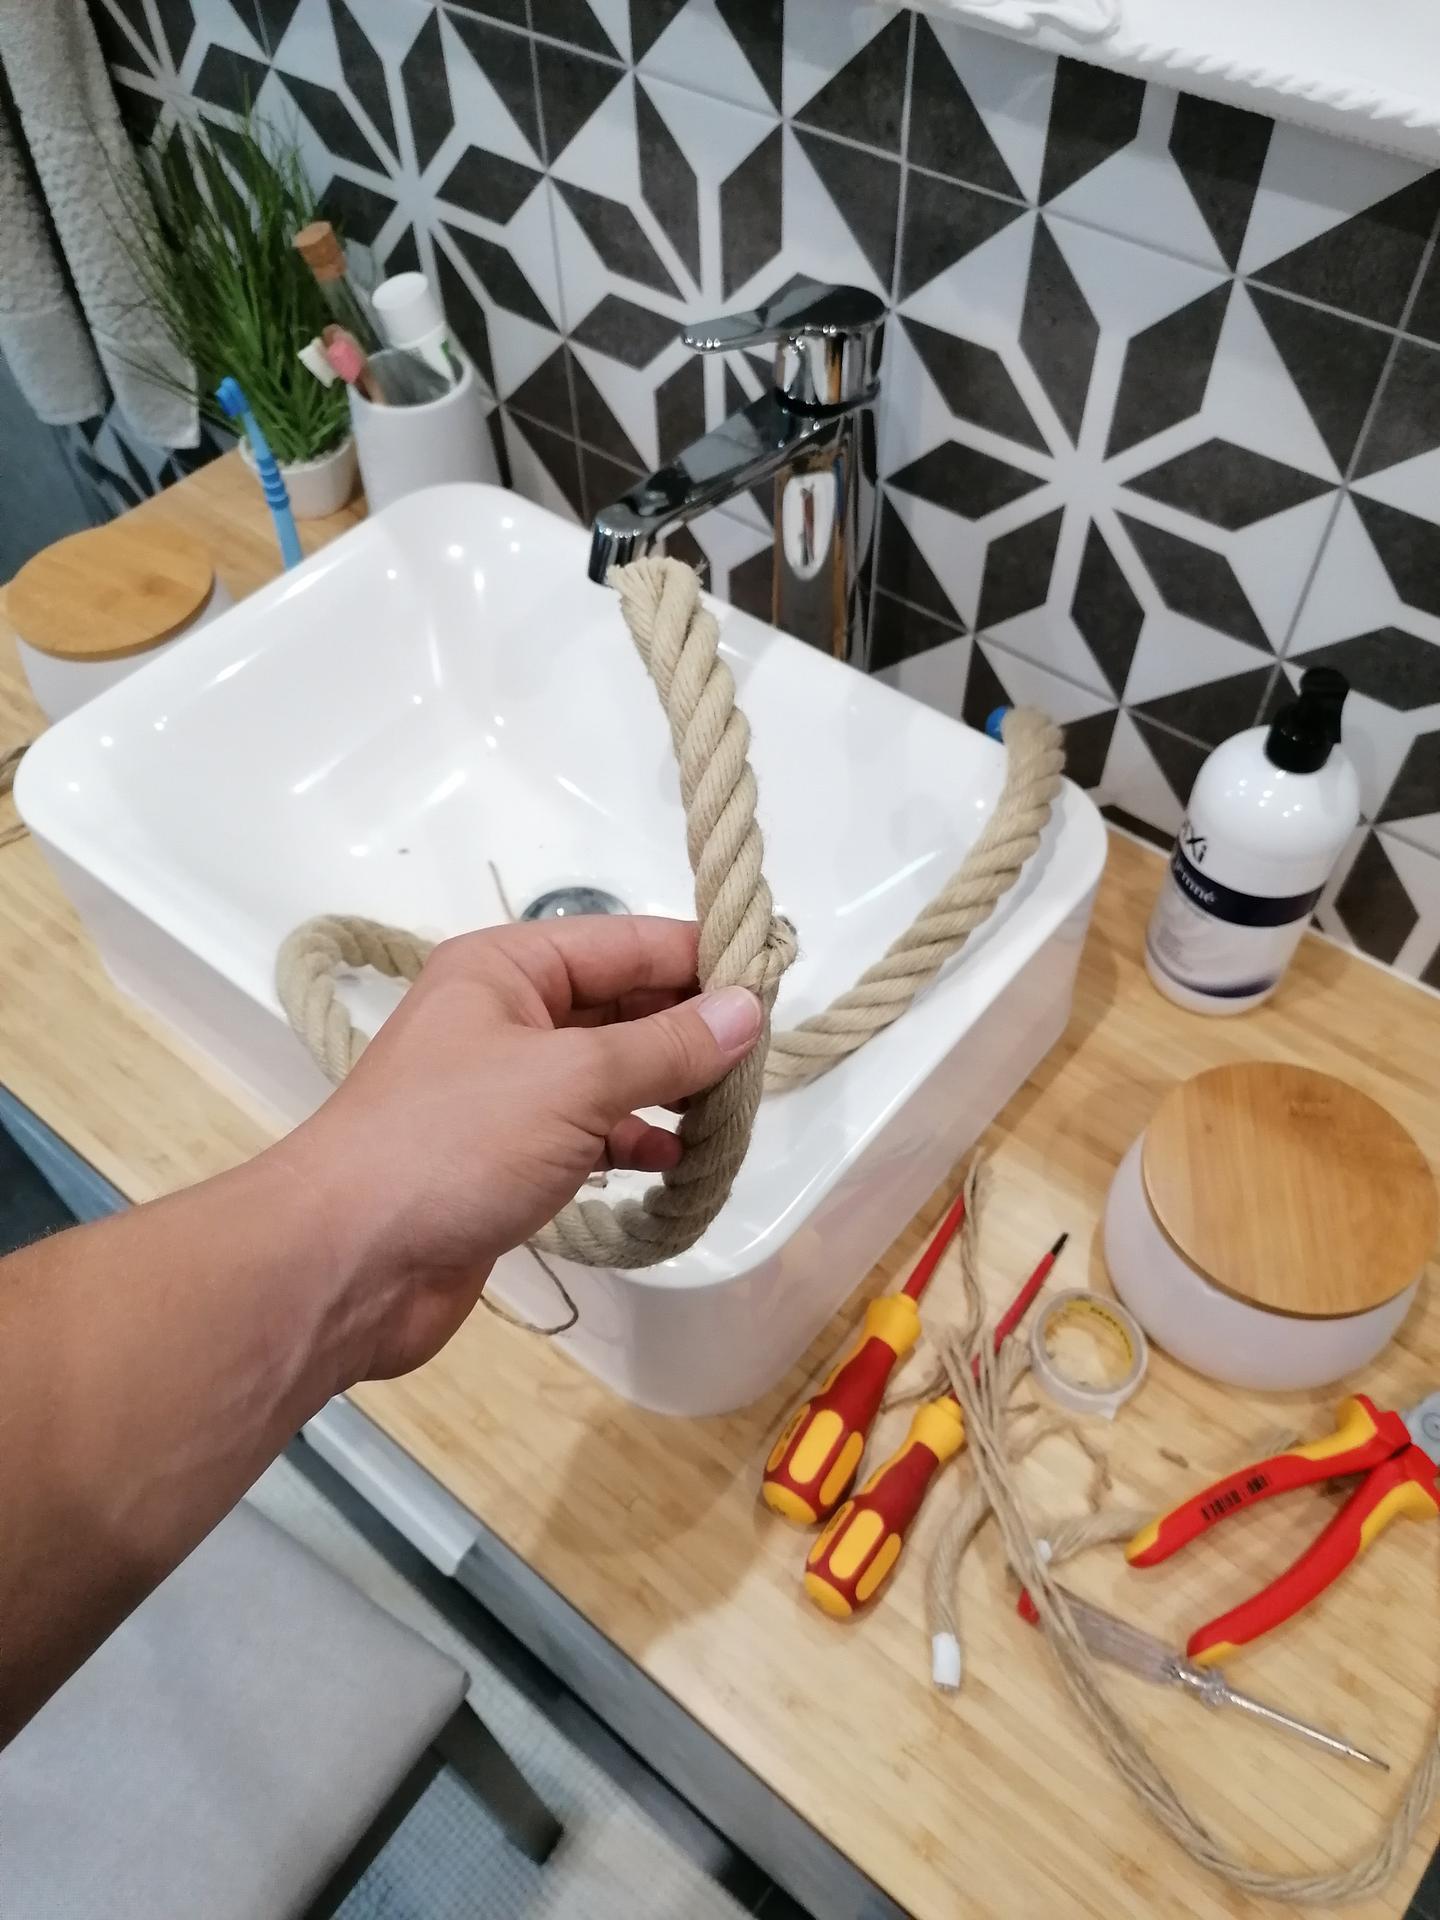 Dnes ďalšia výroba svietidla, tentokrát v kúpelni 😂😂🙈🙈 - Obrázok č. 1